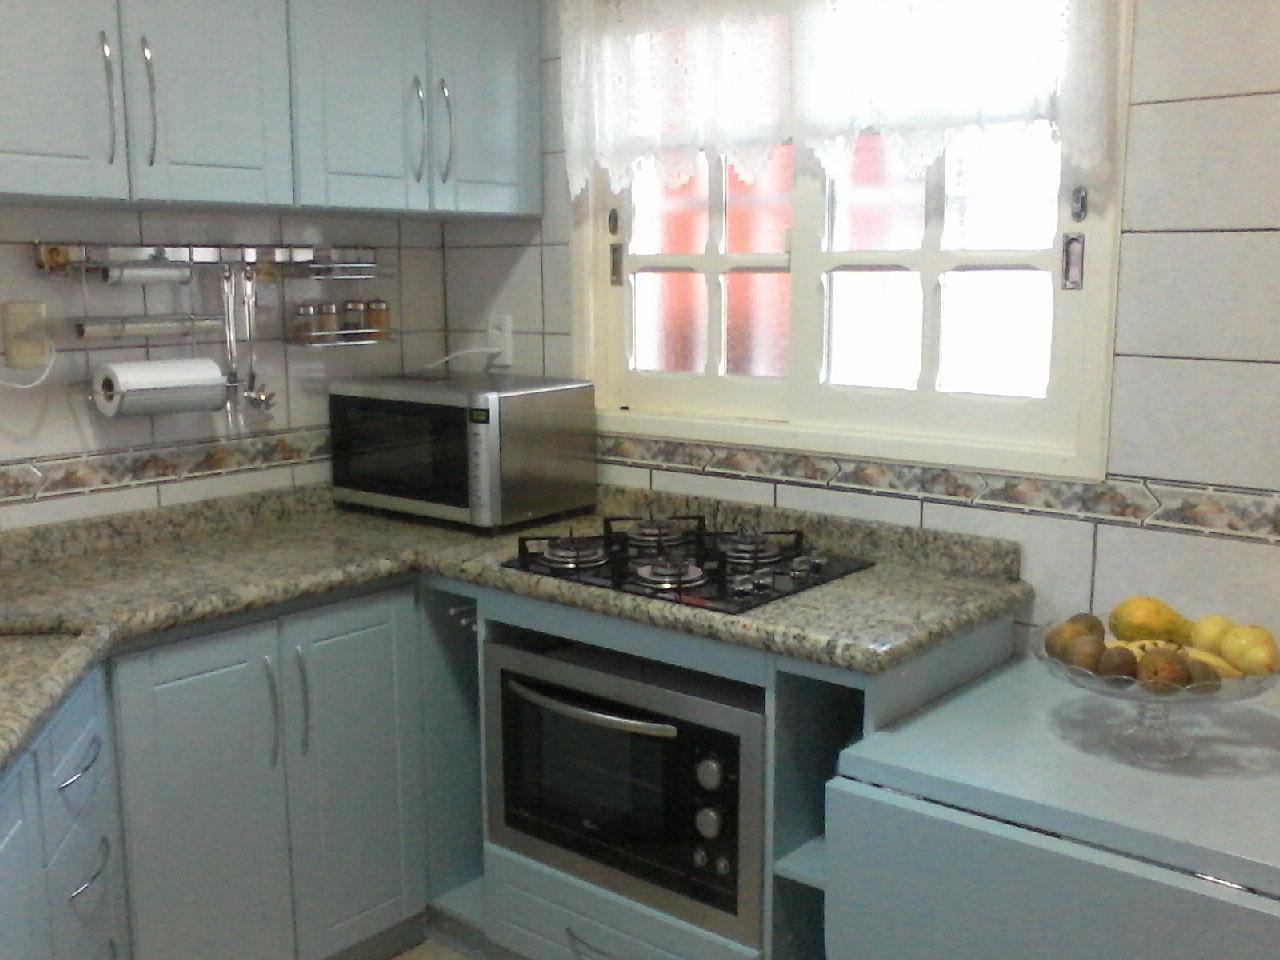 #776454 Construindo um Castelinho: Projeto Sala e Cozinha Integradas 1280x960 px Como Fazer Um Projeto Para Cozinha_3099 Imagens